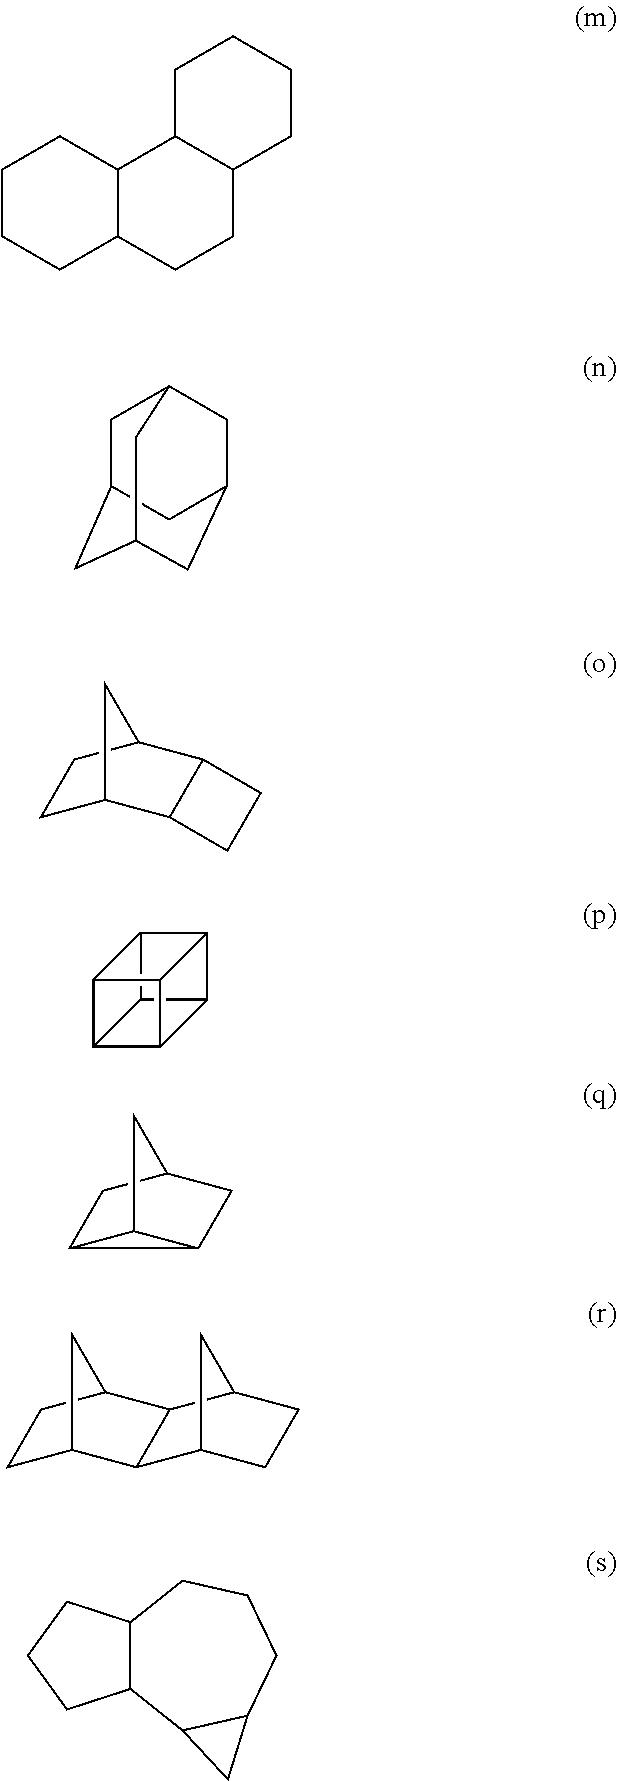 Figure US20150030967A1-20150129-C00006